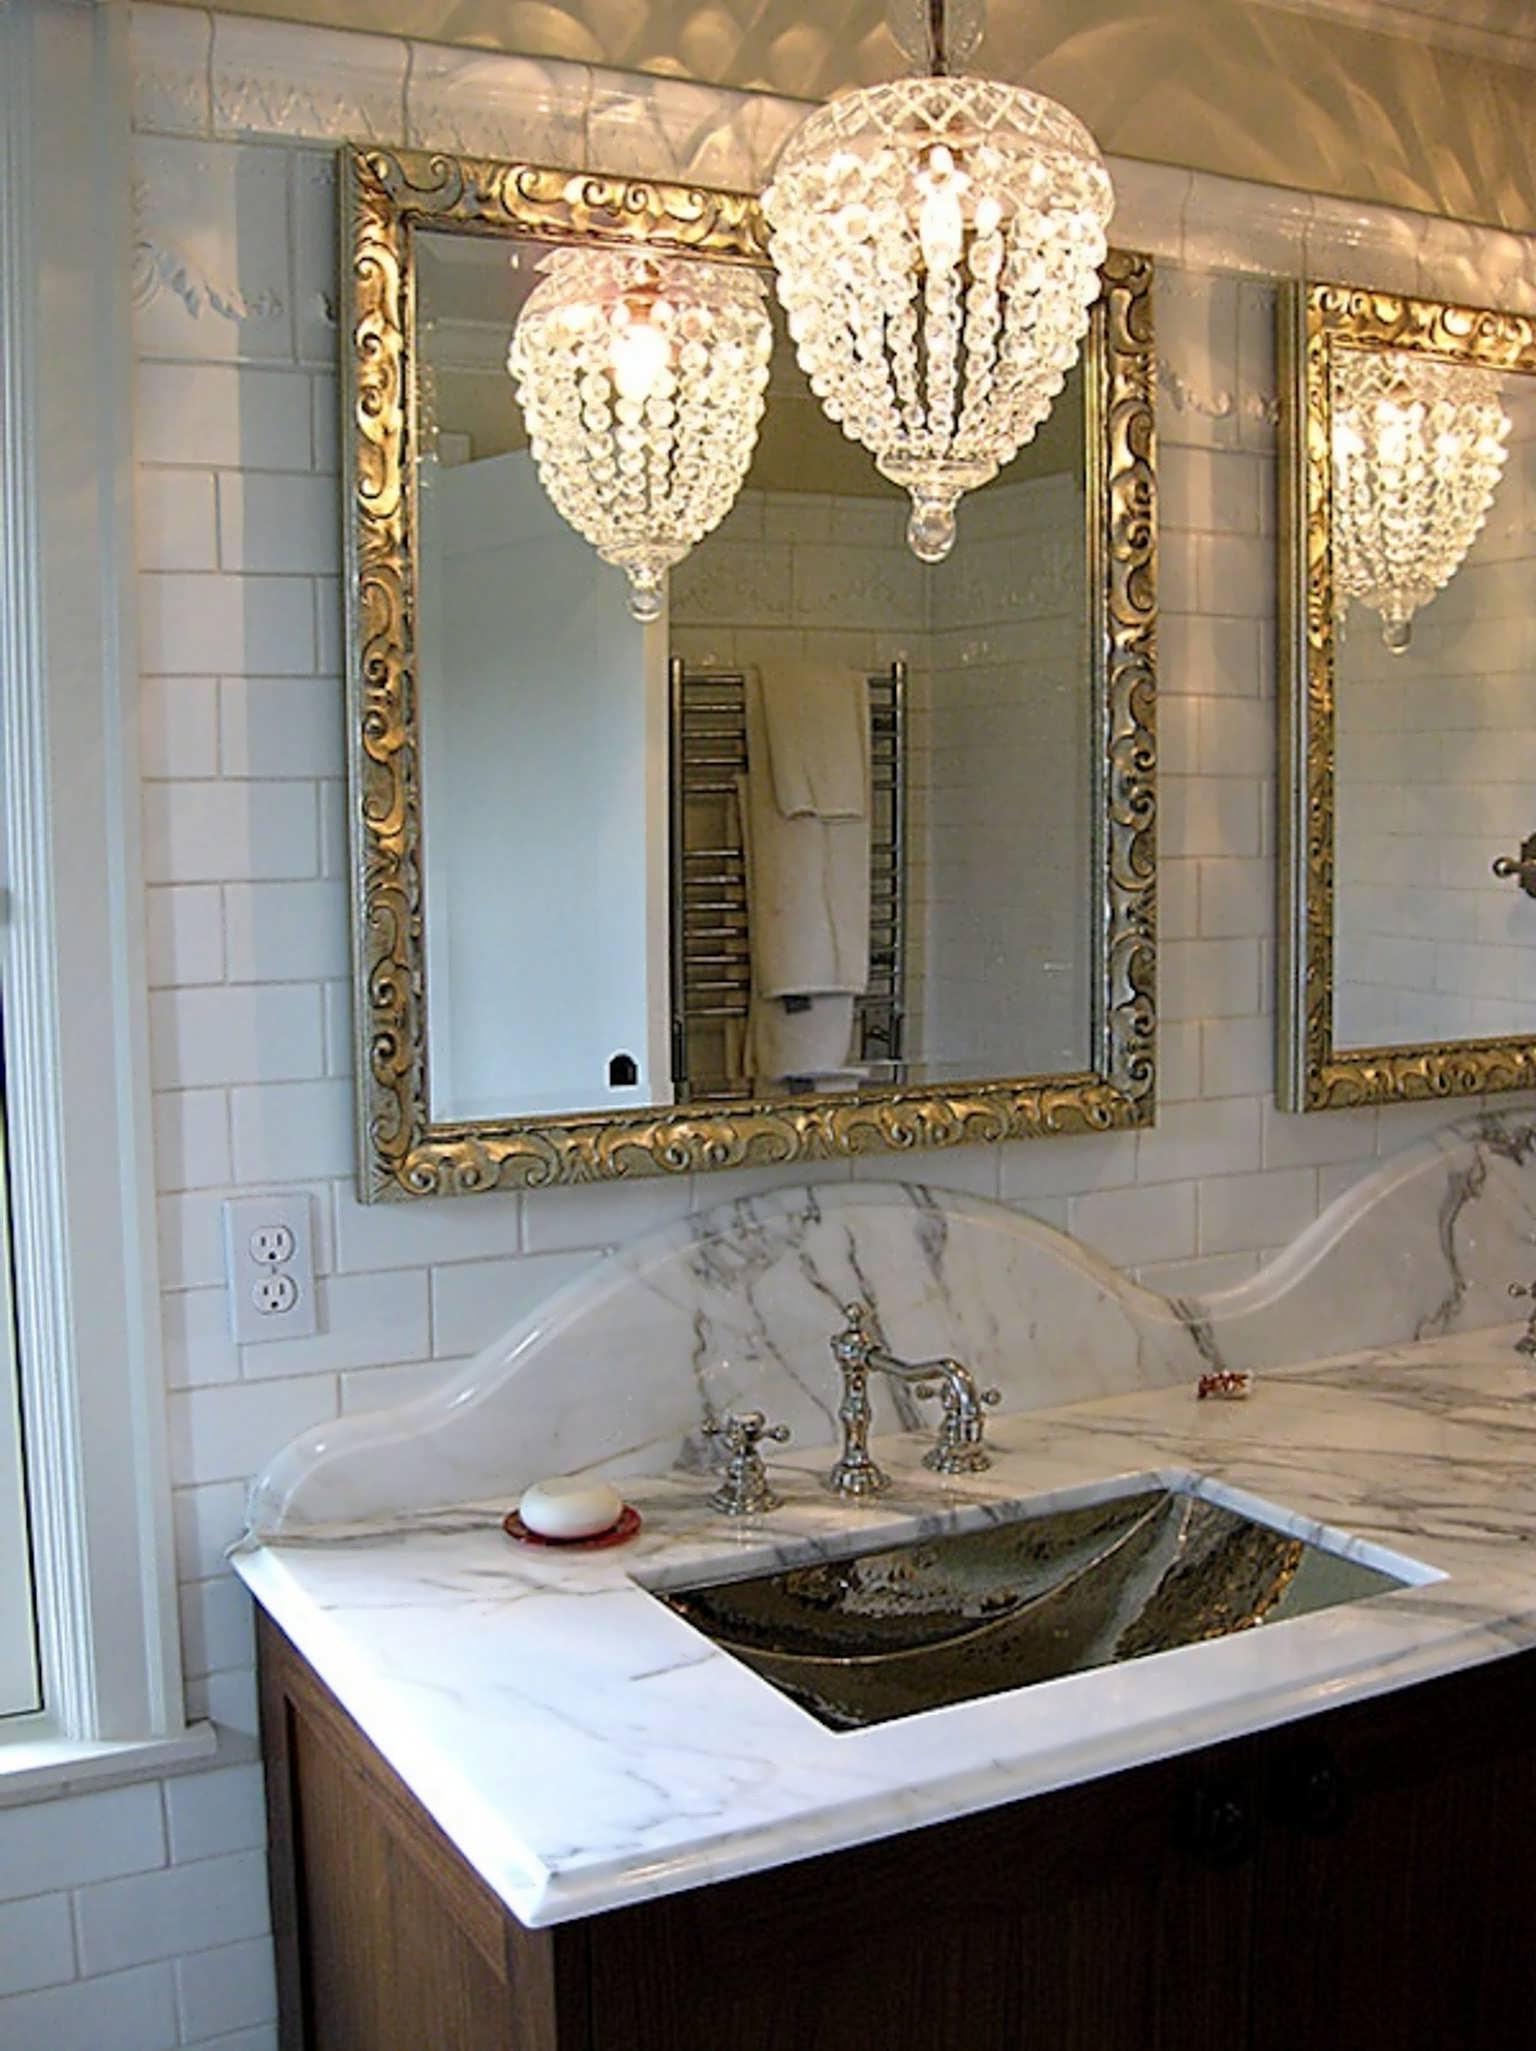 Chandelier : Bathroom Chandelier Lighting Black Mini Chandelier With Regard To Most Recently Released Bathroom Chandelier Lighting (View 14 of 15)